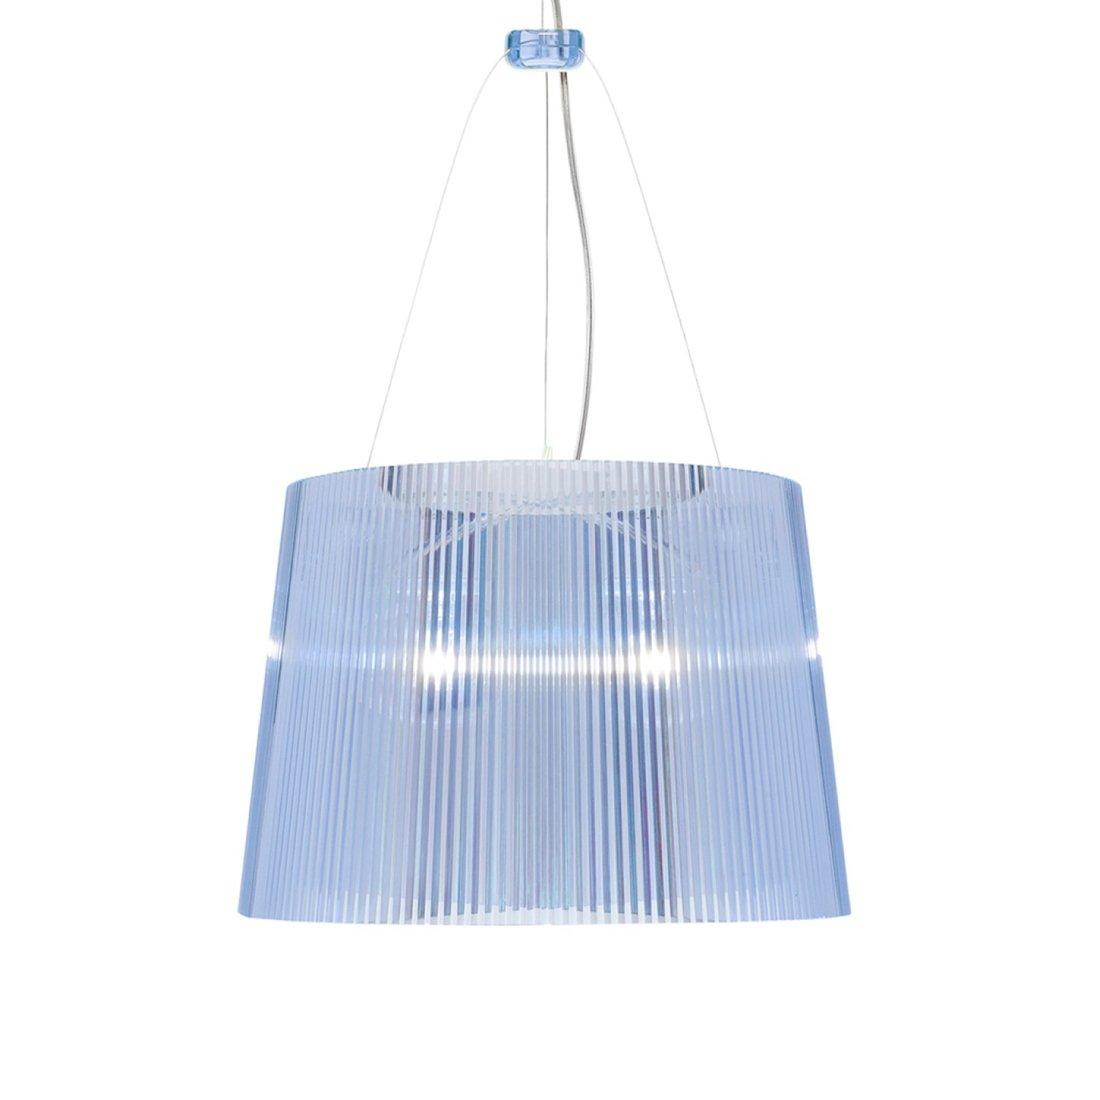 Kartell G� Hanglamp Licht Blauw